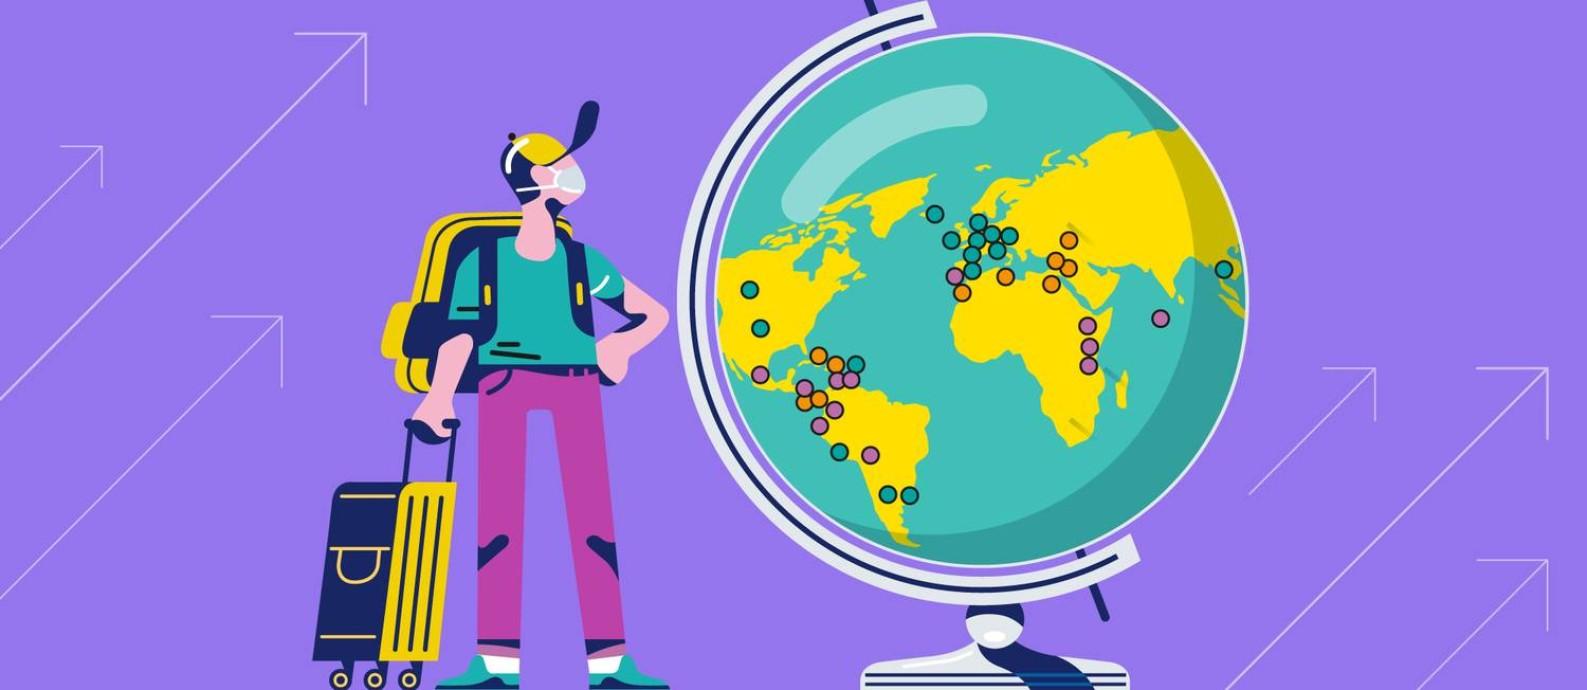 Com o avanço da vacinação no Brasil e no mundo, cada vez mais países têm aberto ou anunciado a reabertura de suas fronteiras para viajantes internacionais Foto: Felipe Nadaes / Editoria de Arte / O Globo